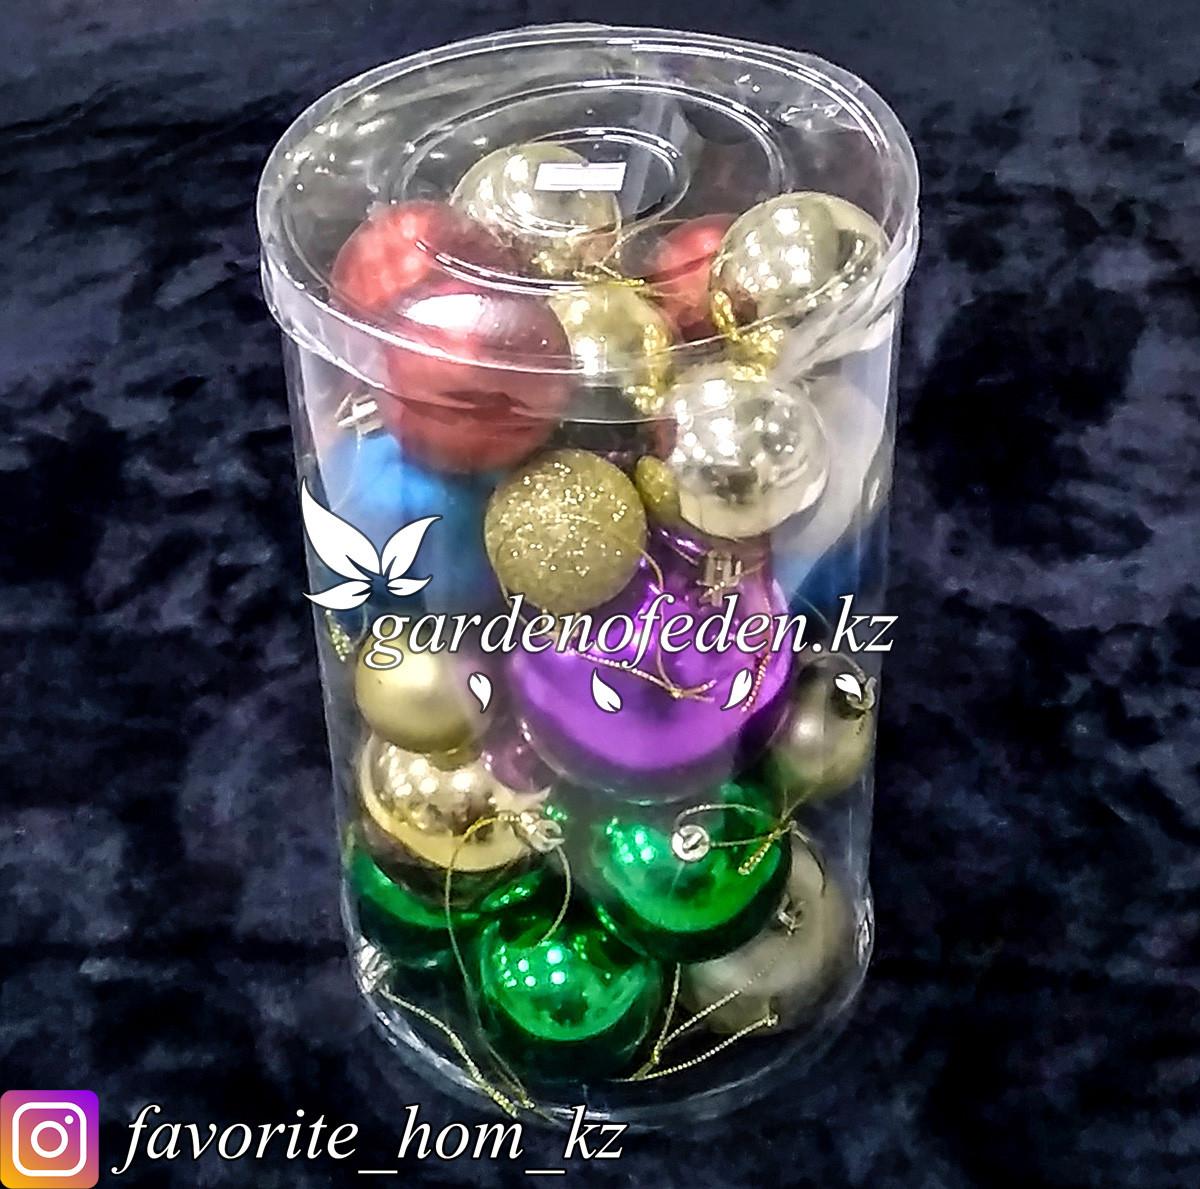 Комплект елочных игрушек в пластиковом кейсе. Цвет: Разные цвета.